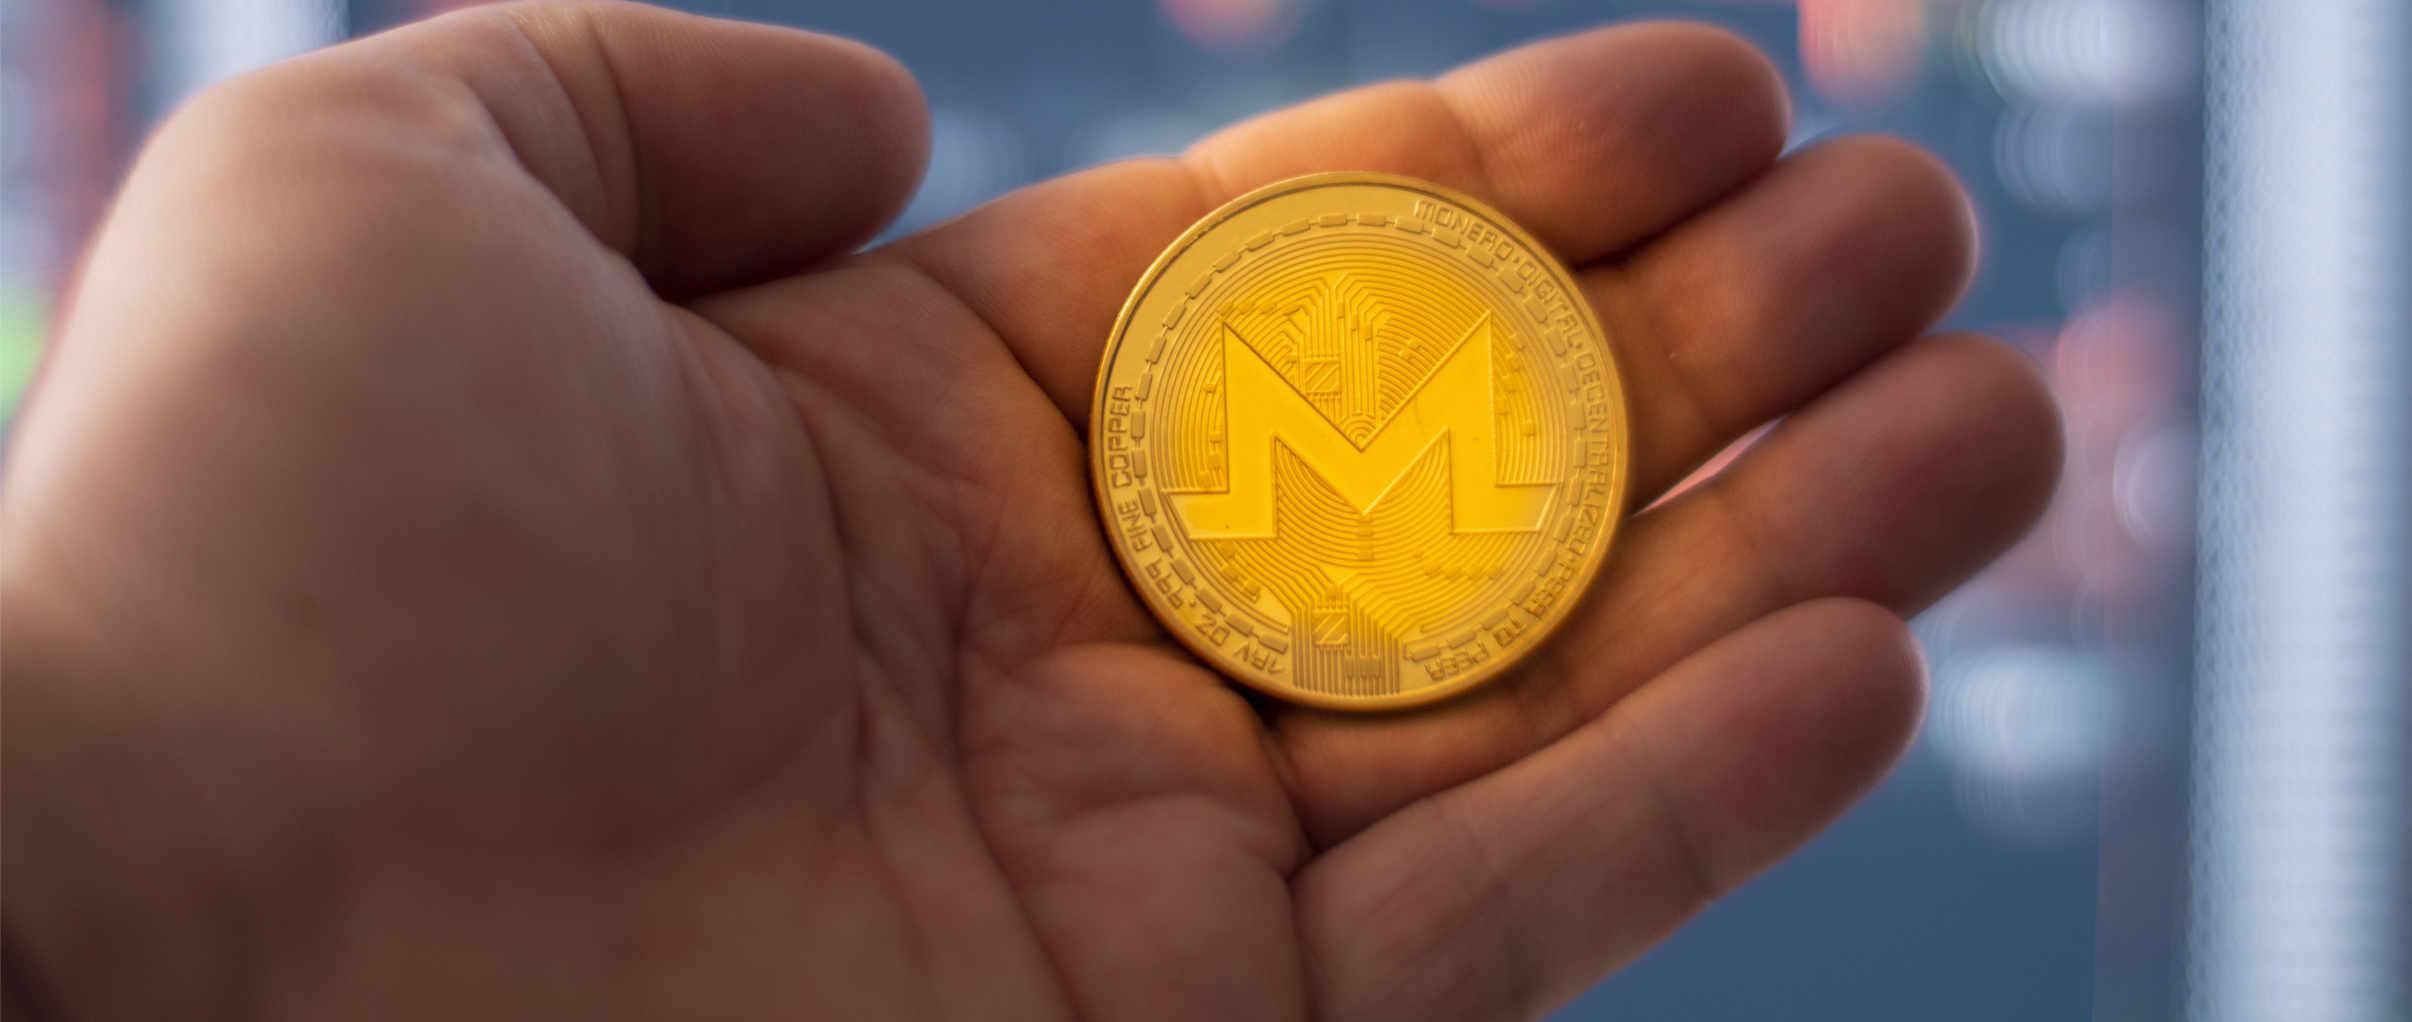 moeda monero na mão